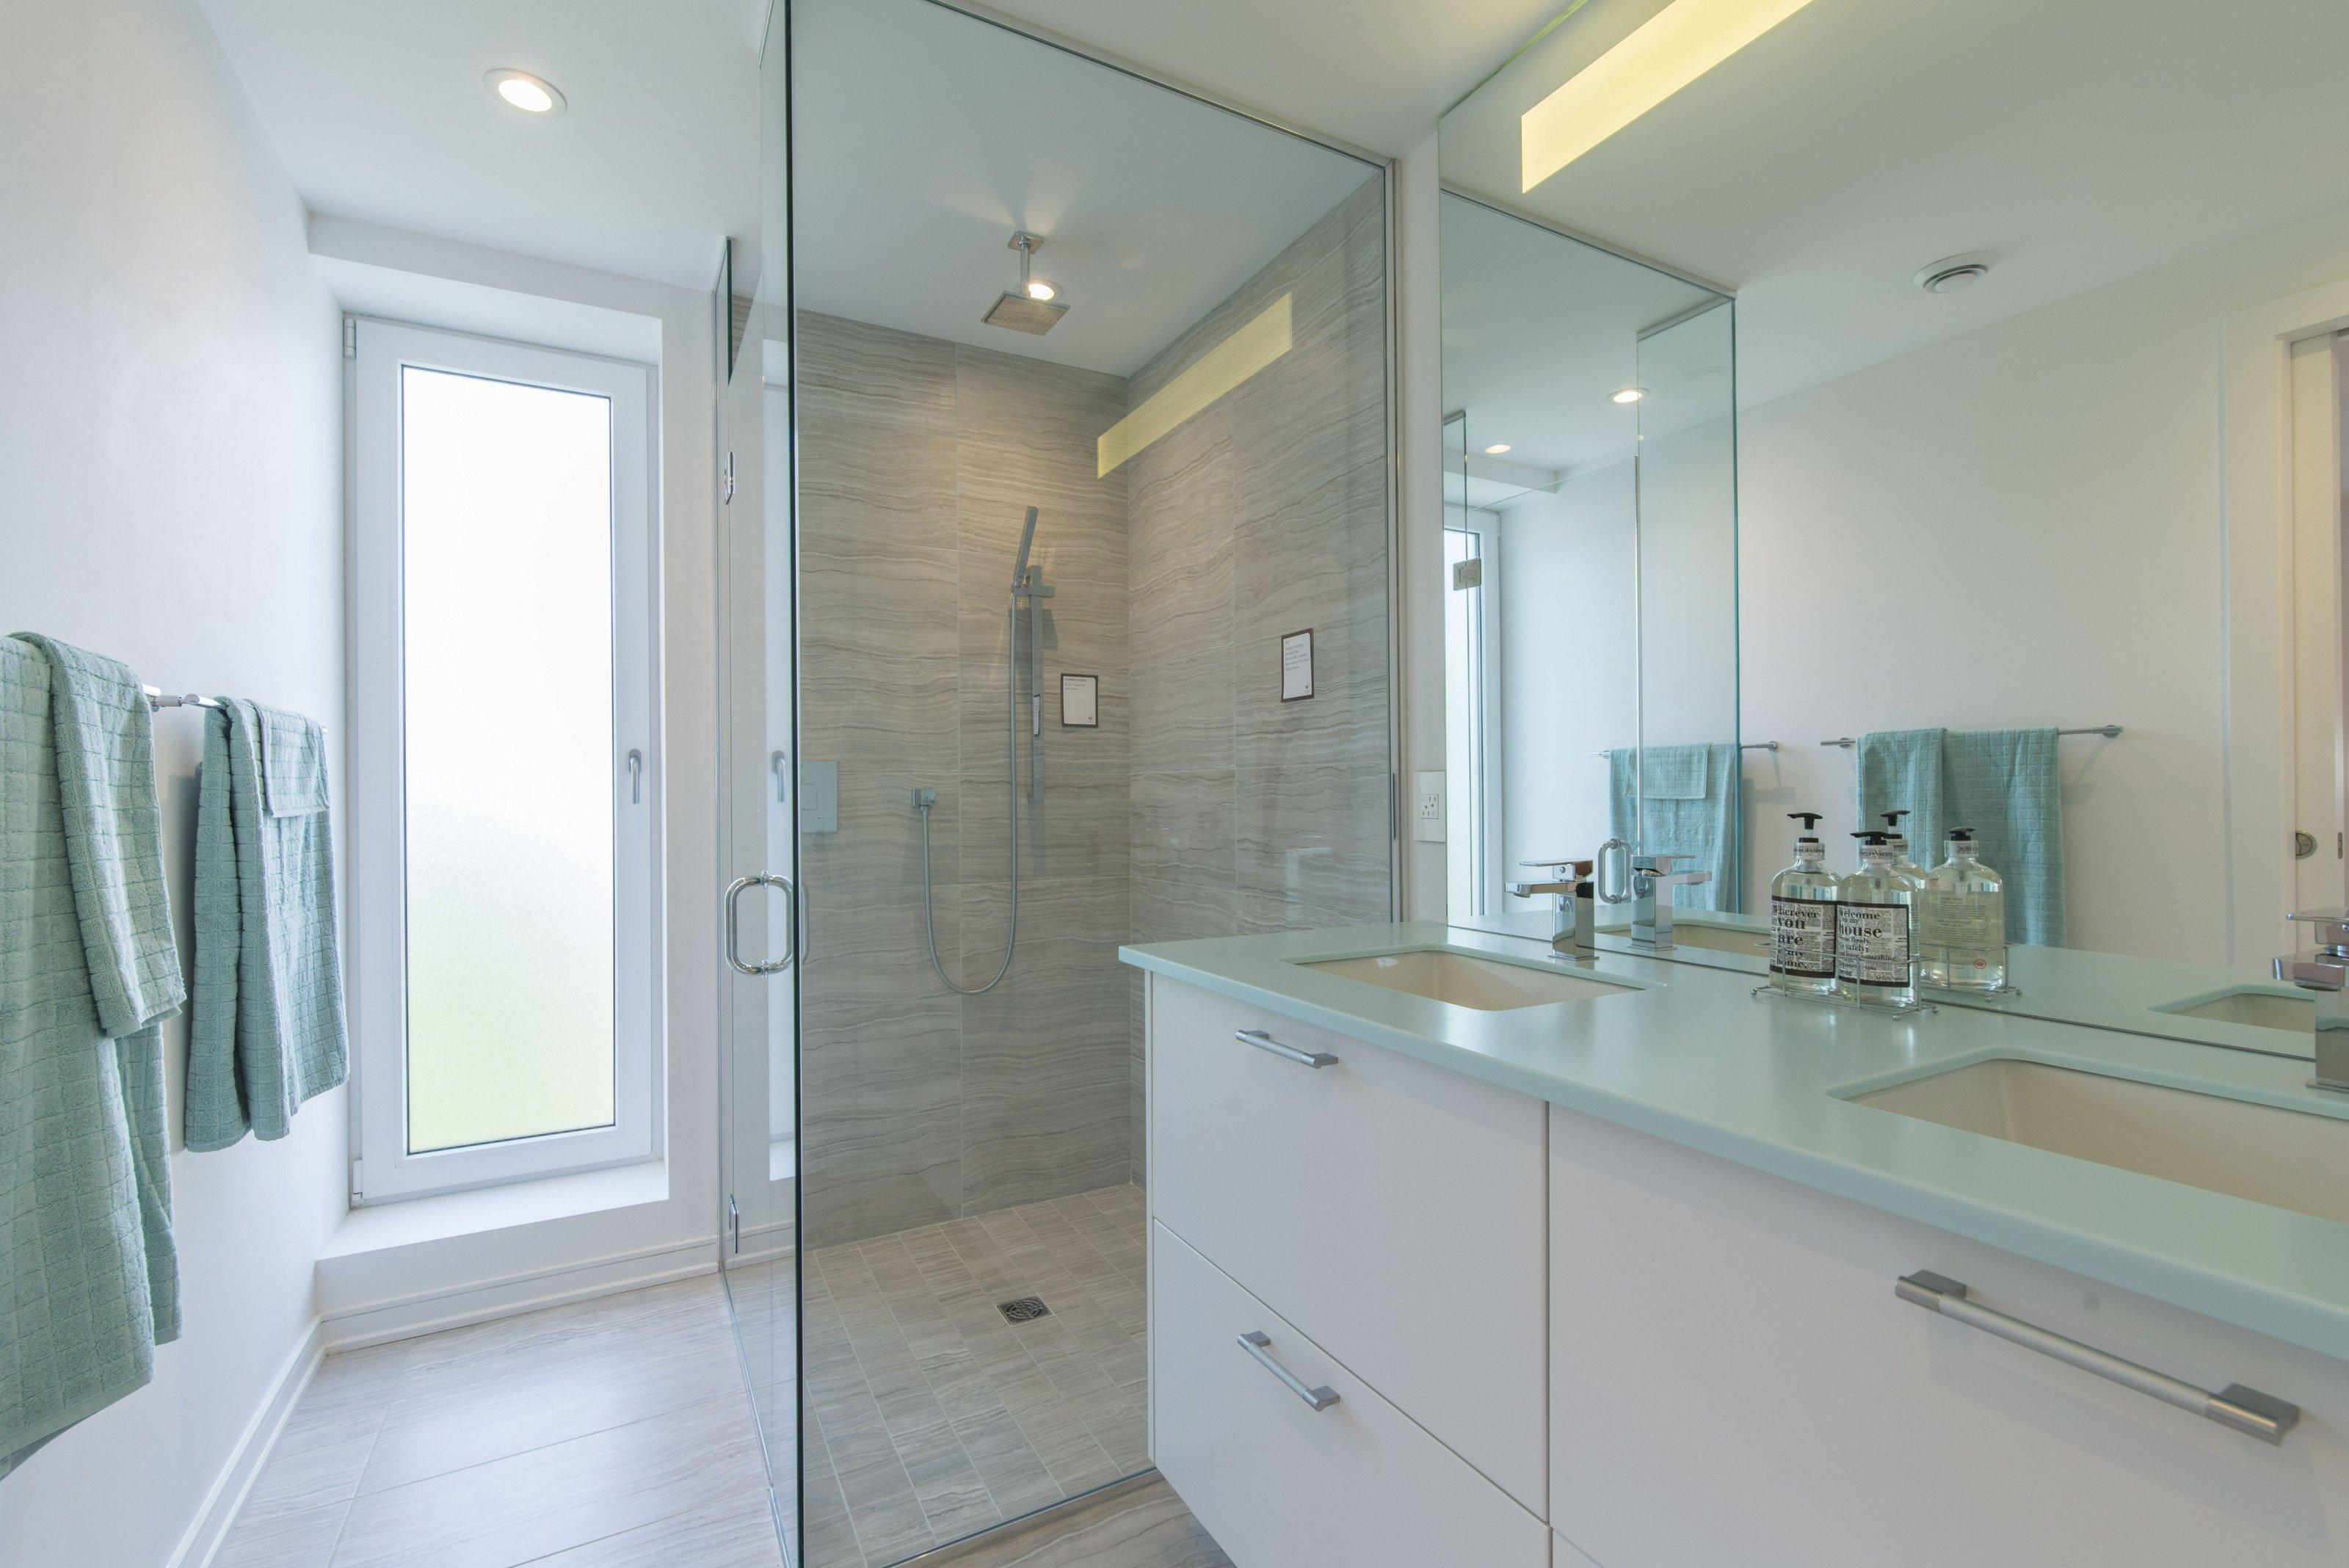 The spa-like oasis of a bathroom.